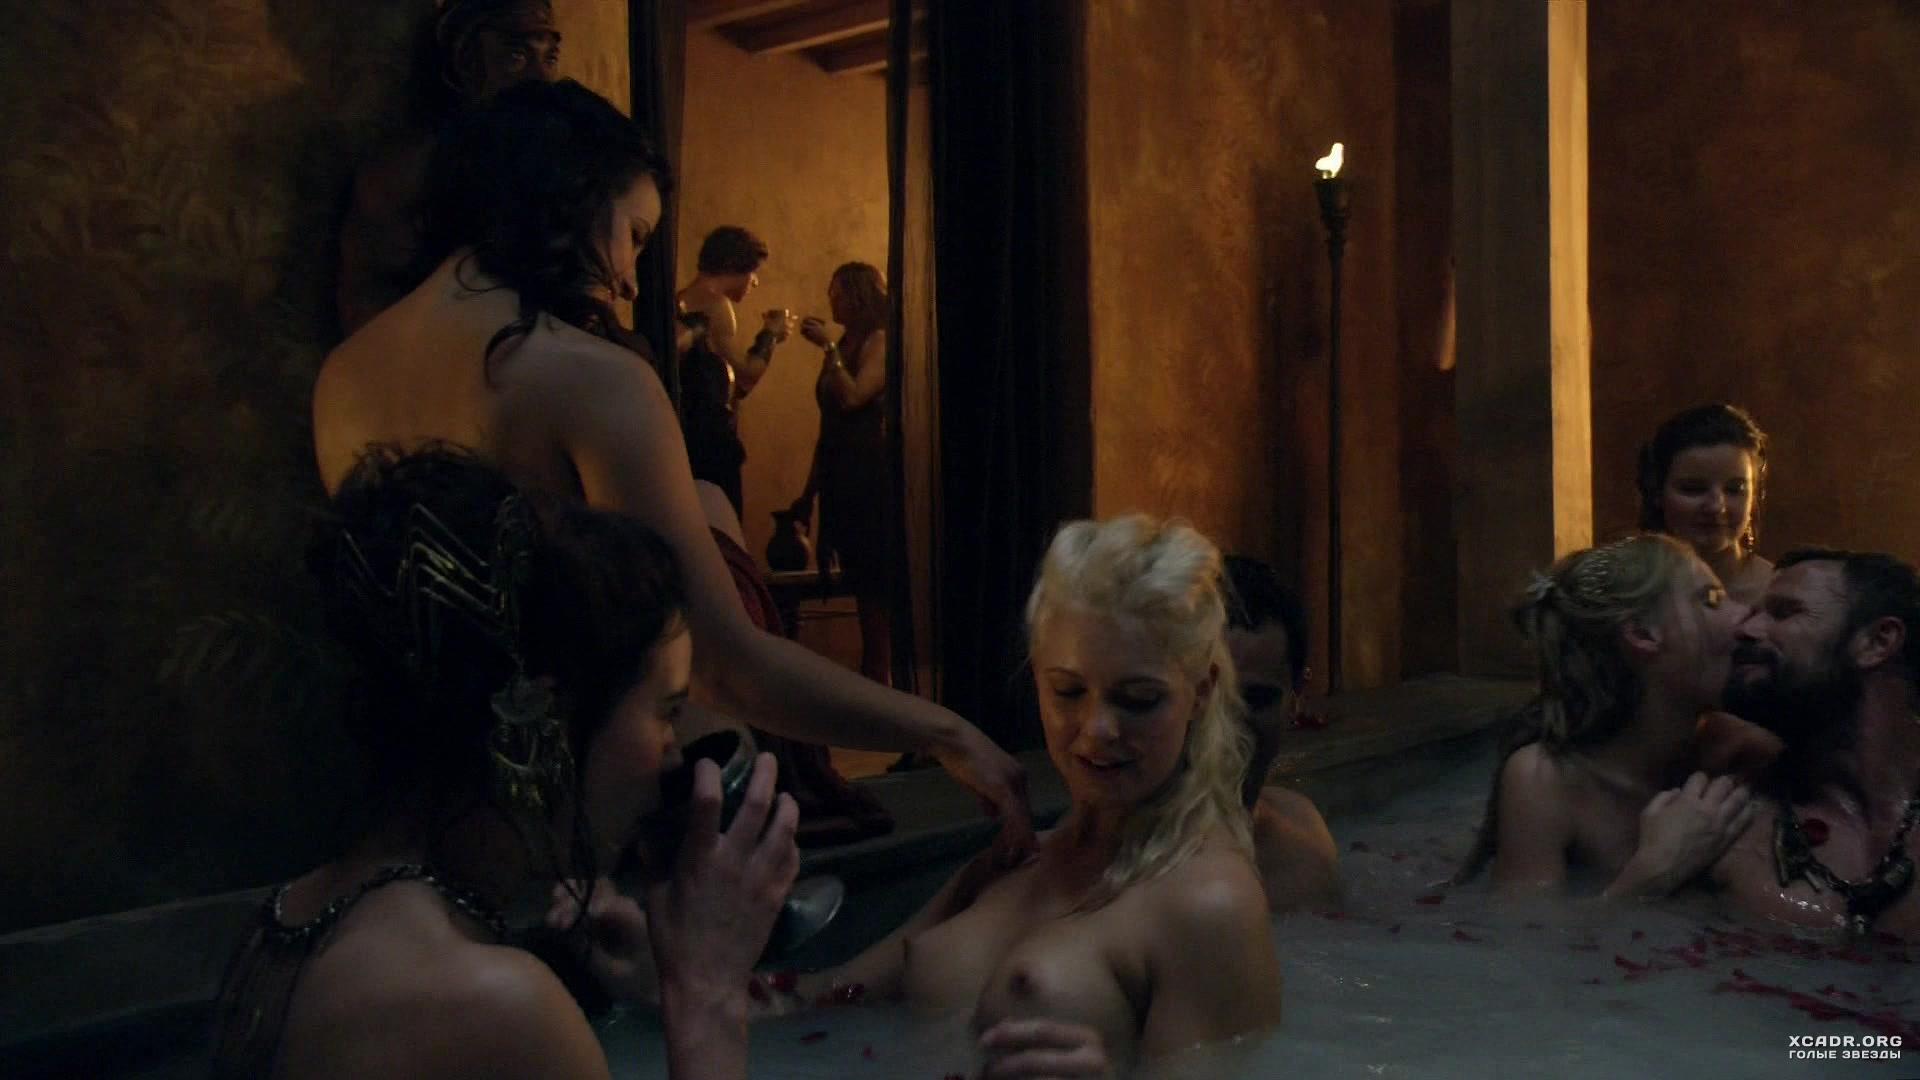 упругий, баскино эротика фильм секс мужа жены